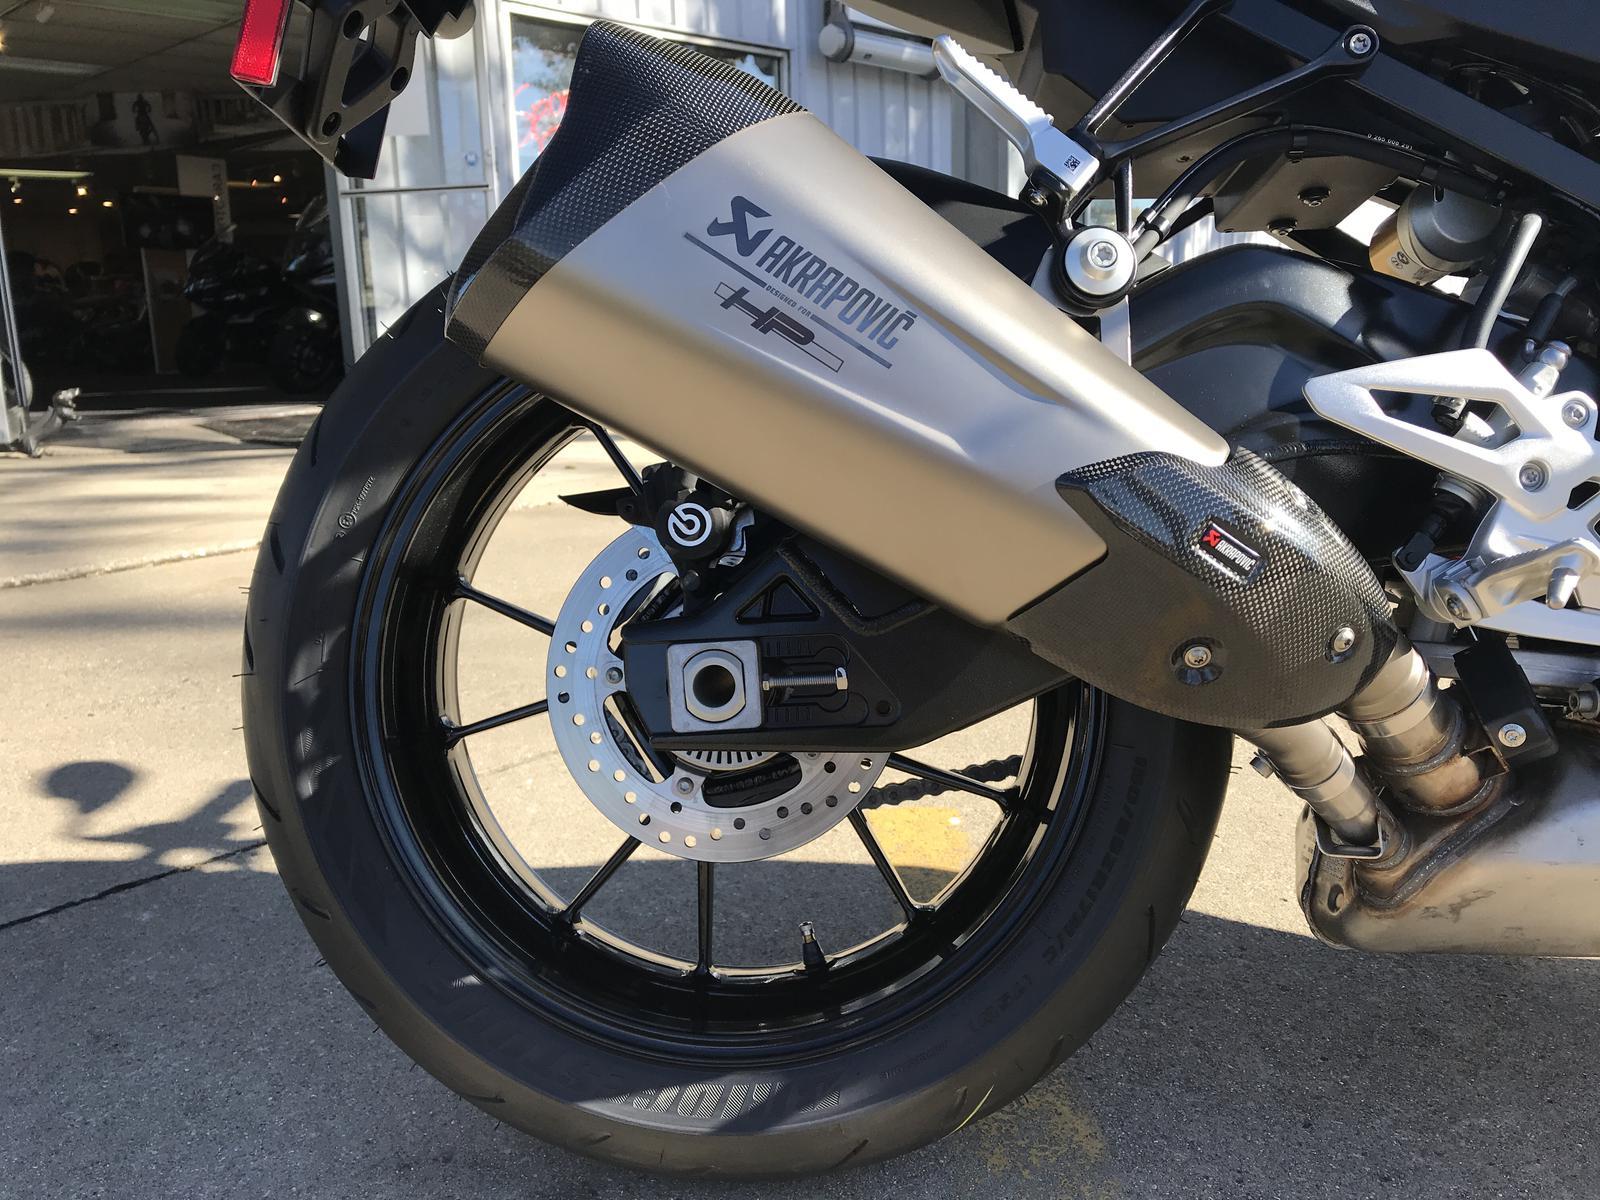 2019 Bmw S1000r For Sale In Urbana Il Sportland Motorsports Urbana